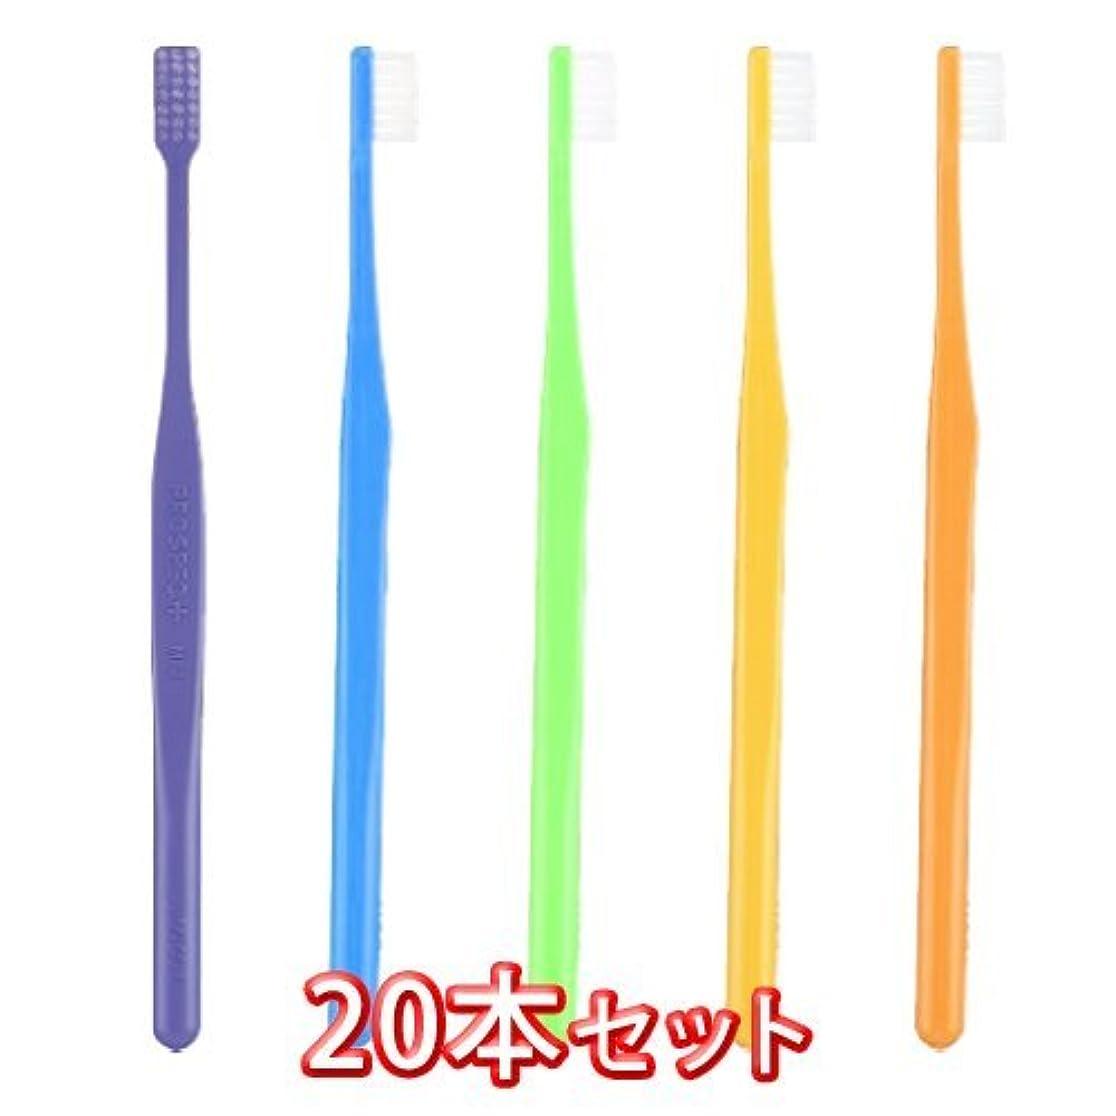 プロスペック プラス ミニ歯ブラシ 20本入